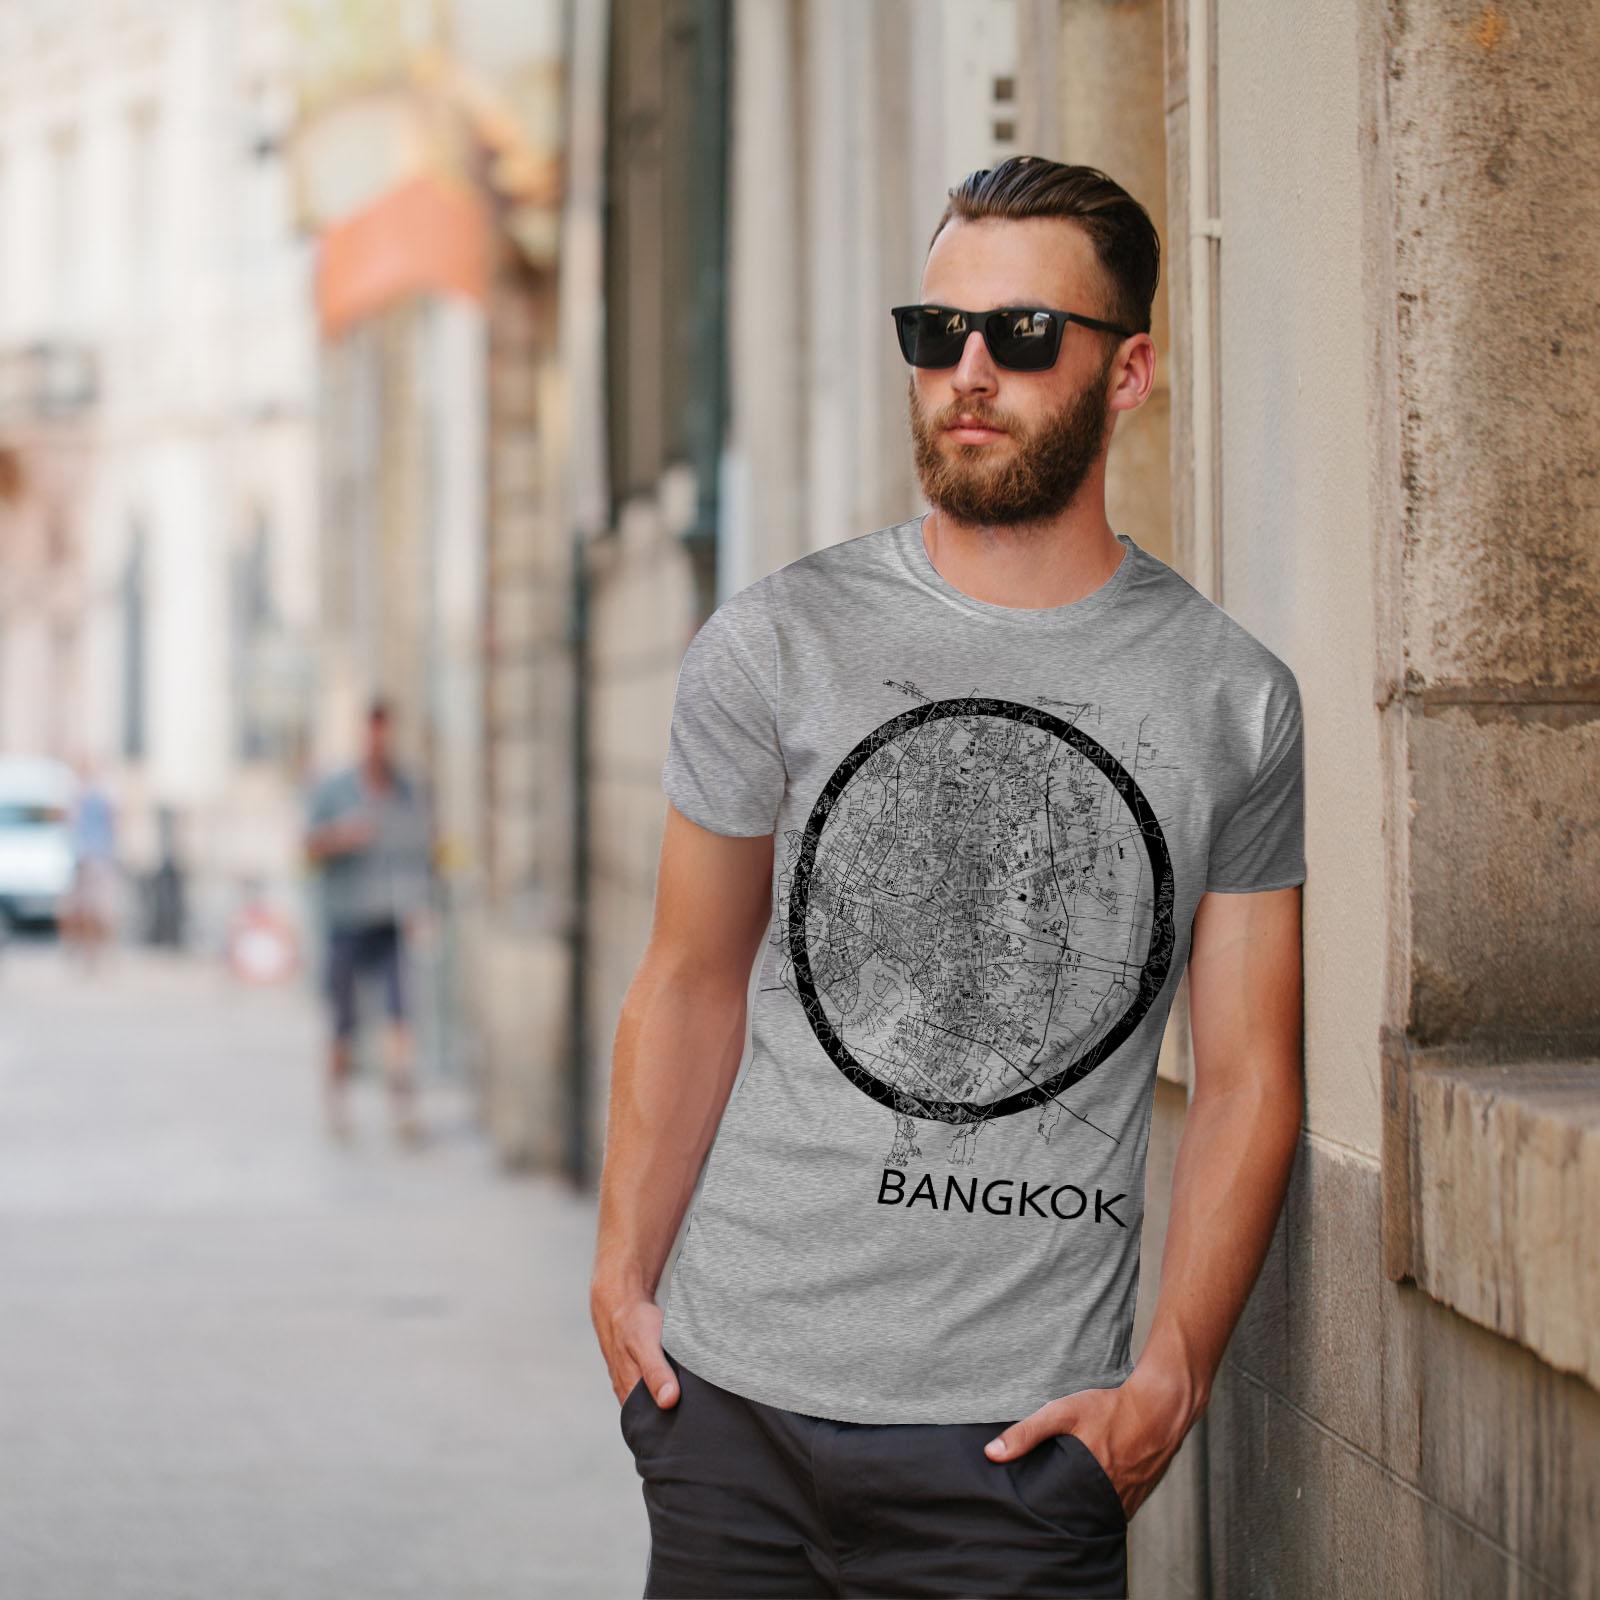 Wellcoda-Thailand-Bangkok-Map-Mens-T-shirt-Big-Graphic-Design-Printed-Tee thumbnail 17